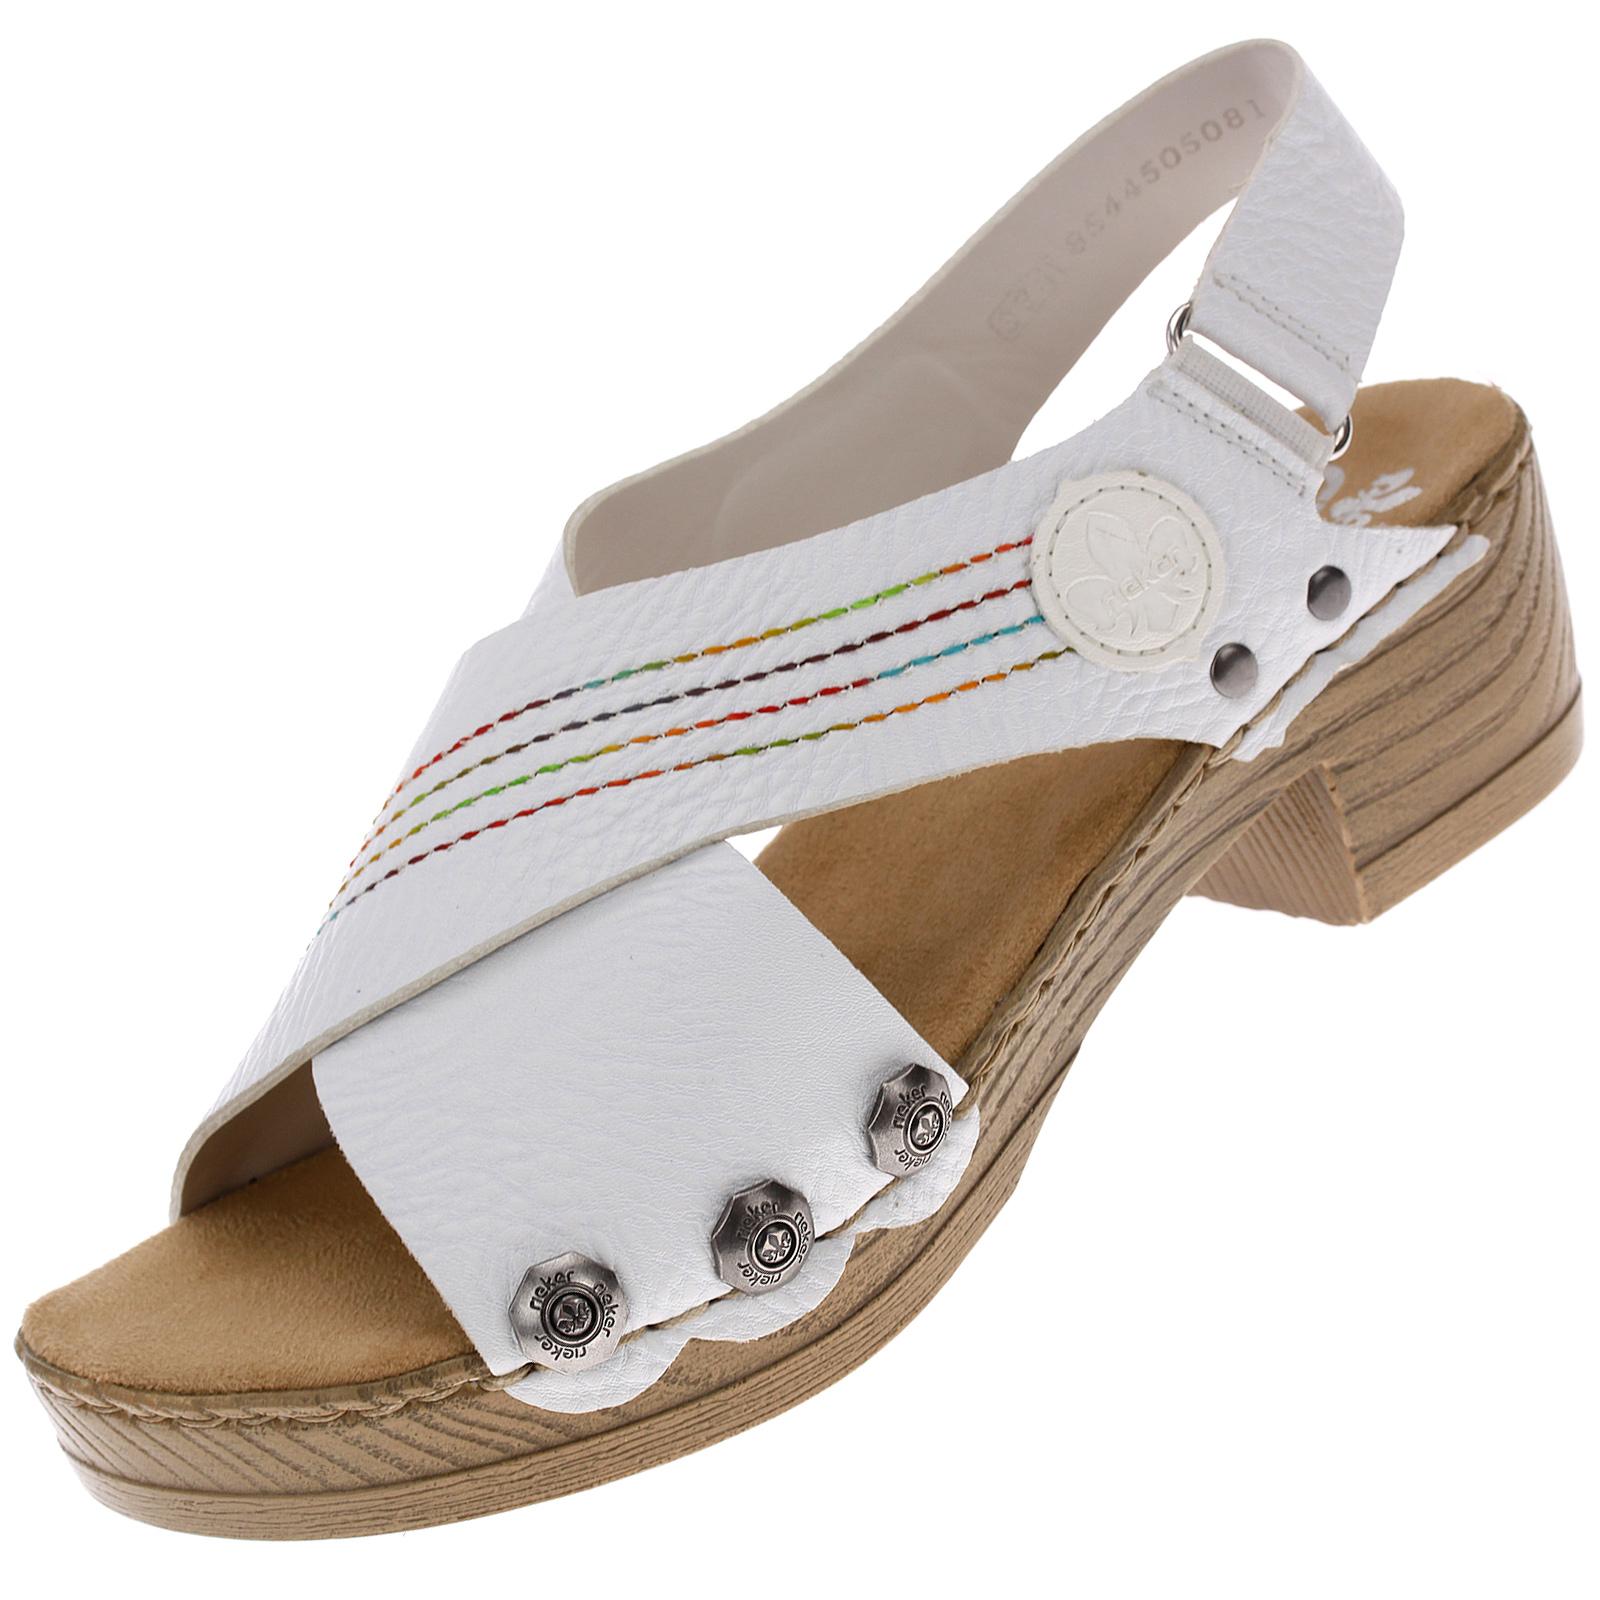 Rieker Damen Sandalen Sandaletten Damenschuhe Sommerschuhe Slipper Weiß